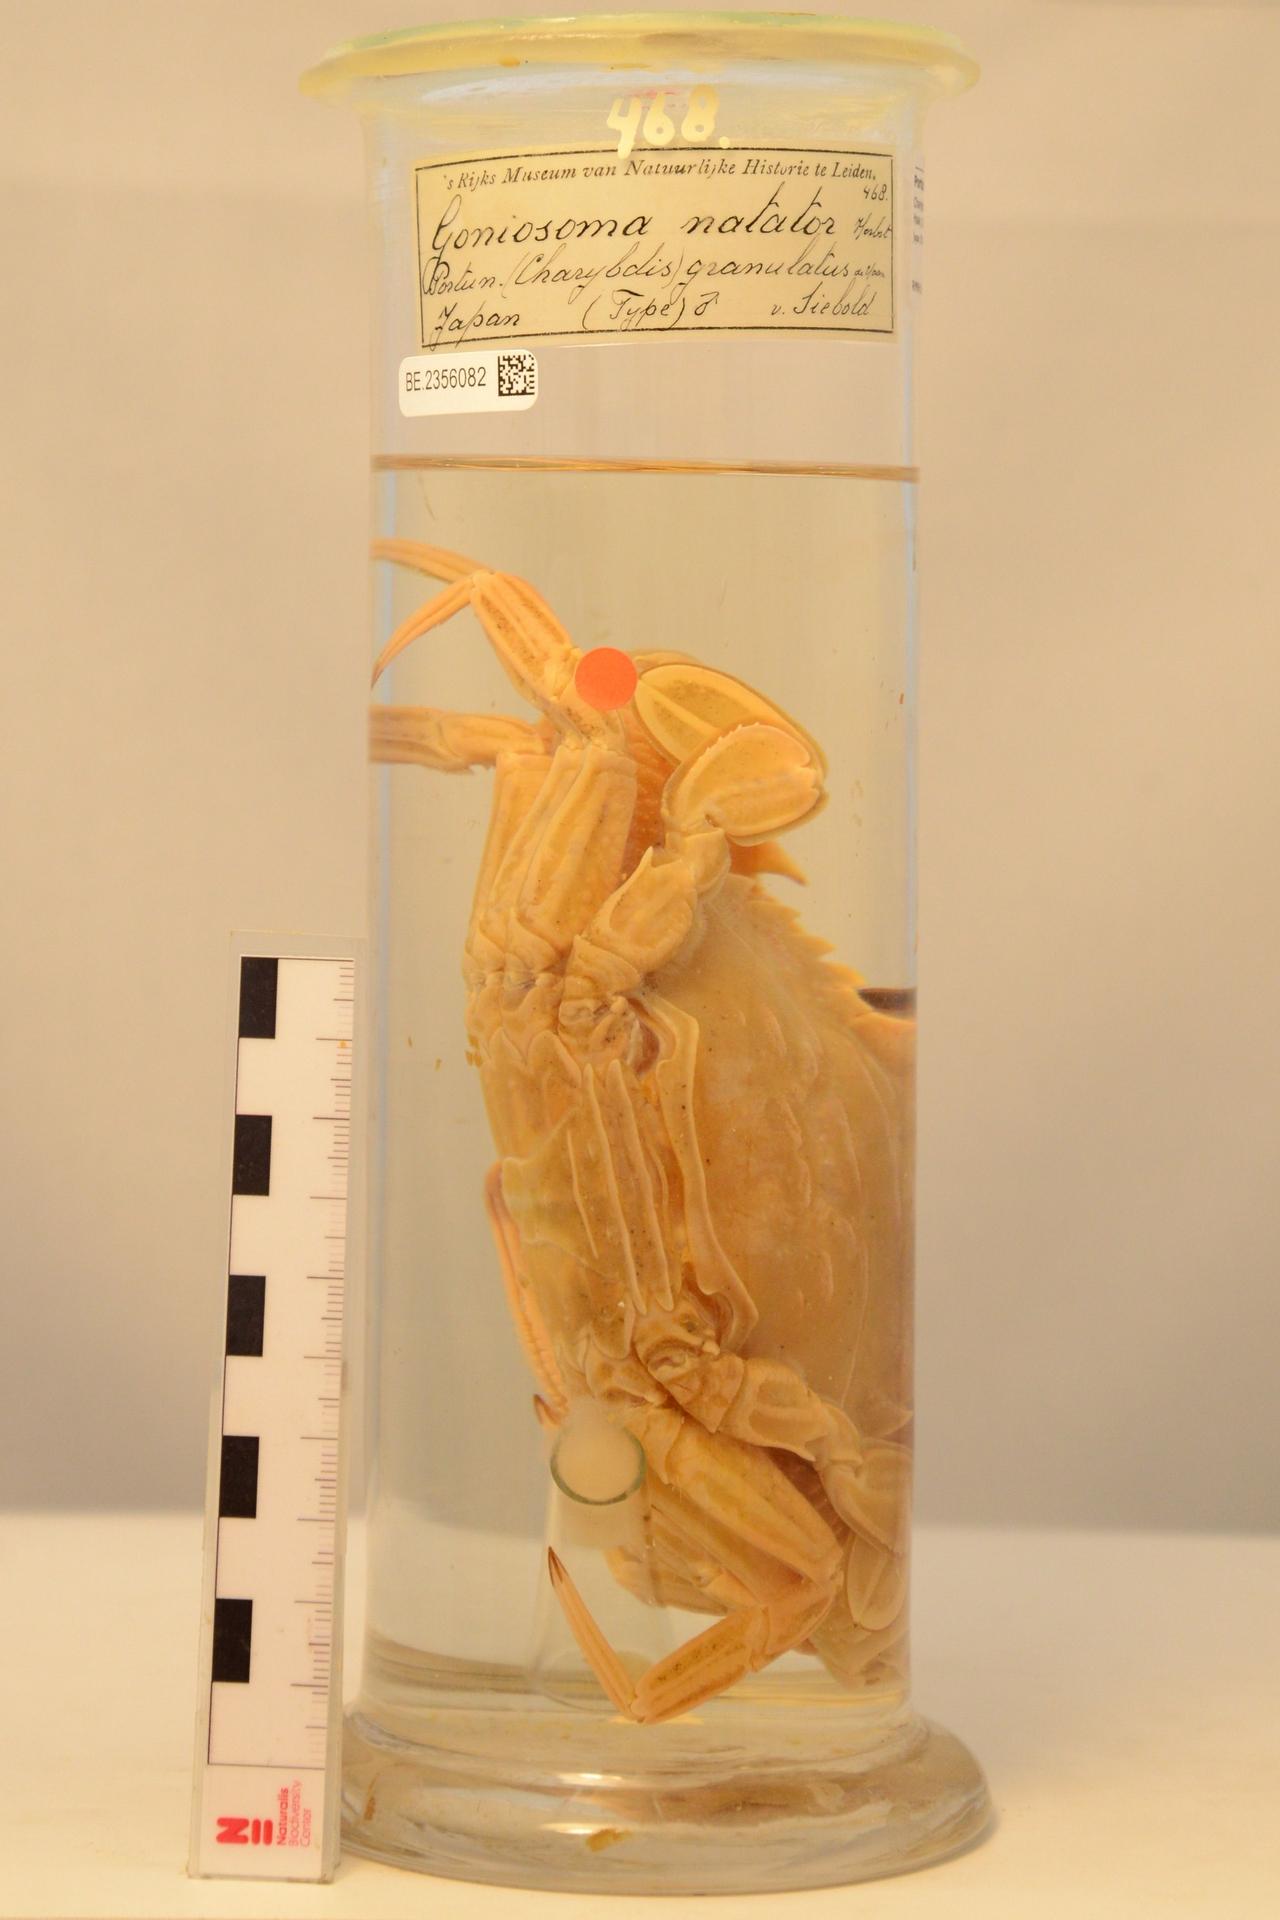 RMNH.CRUS.D.468 | Charybdis (Charybdis) granulata (De Haan, 1833)